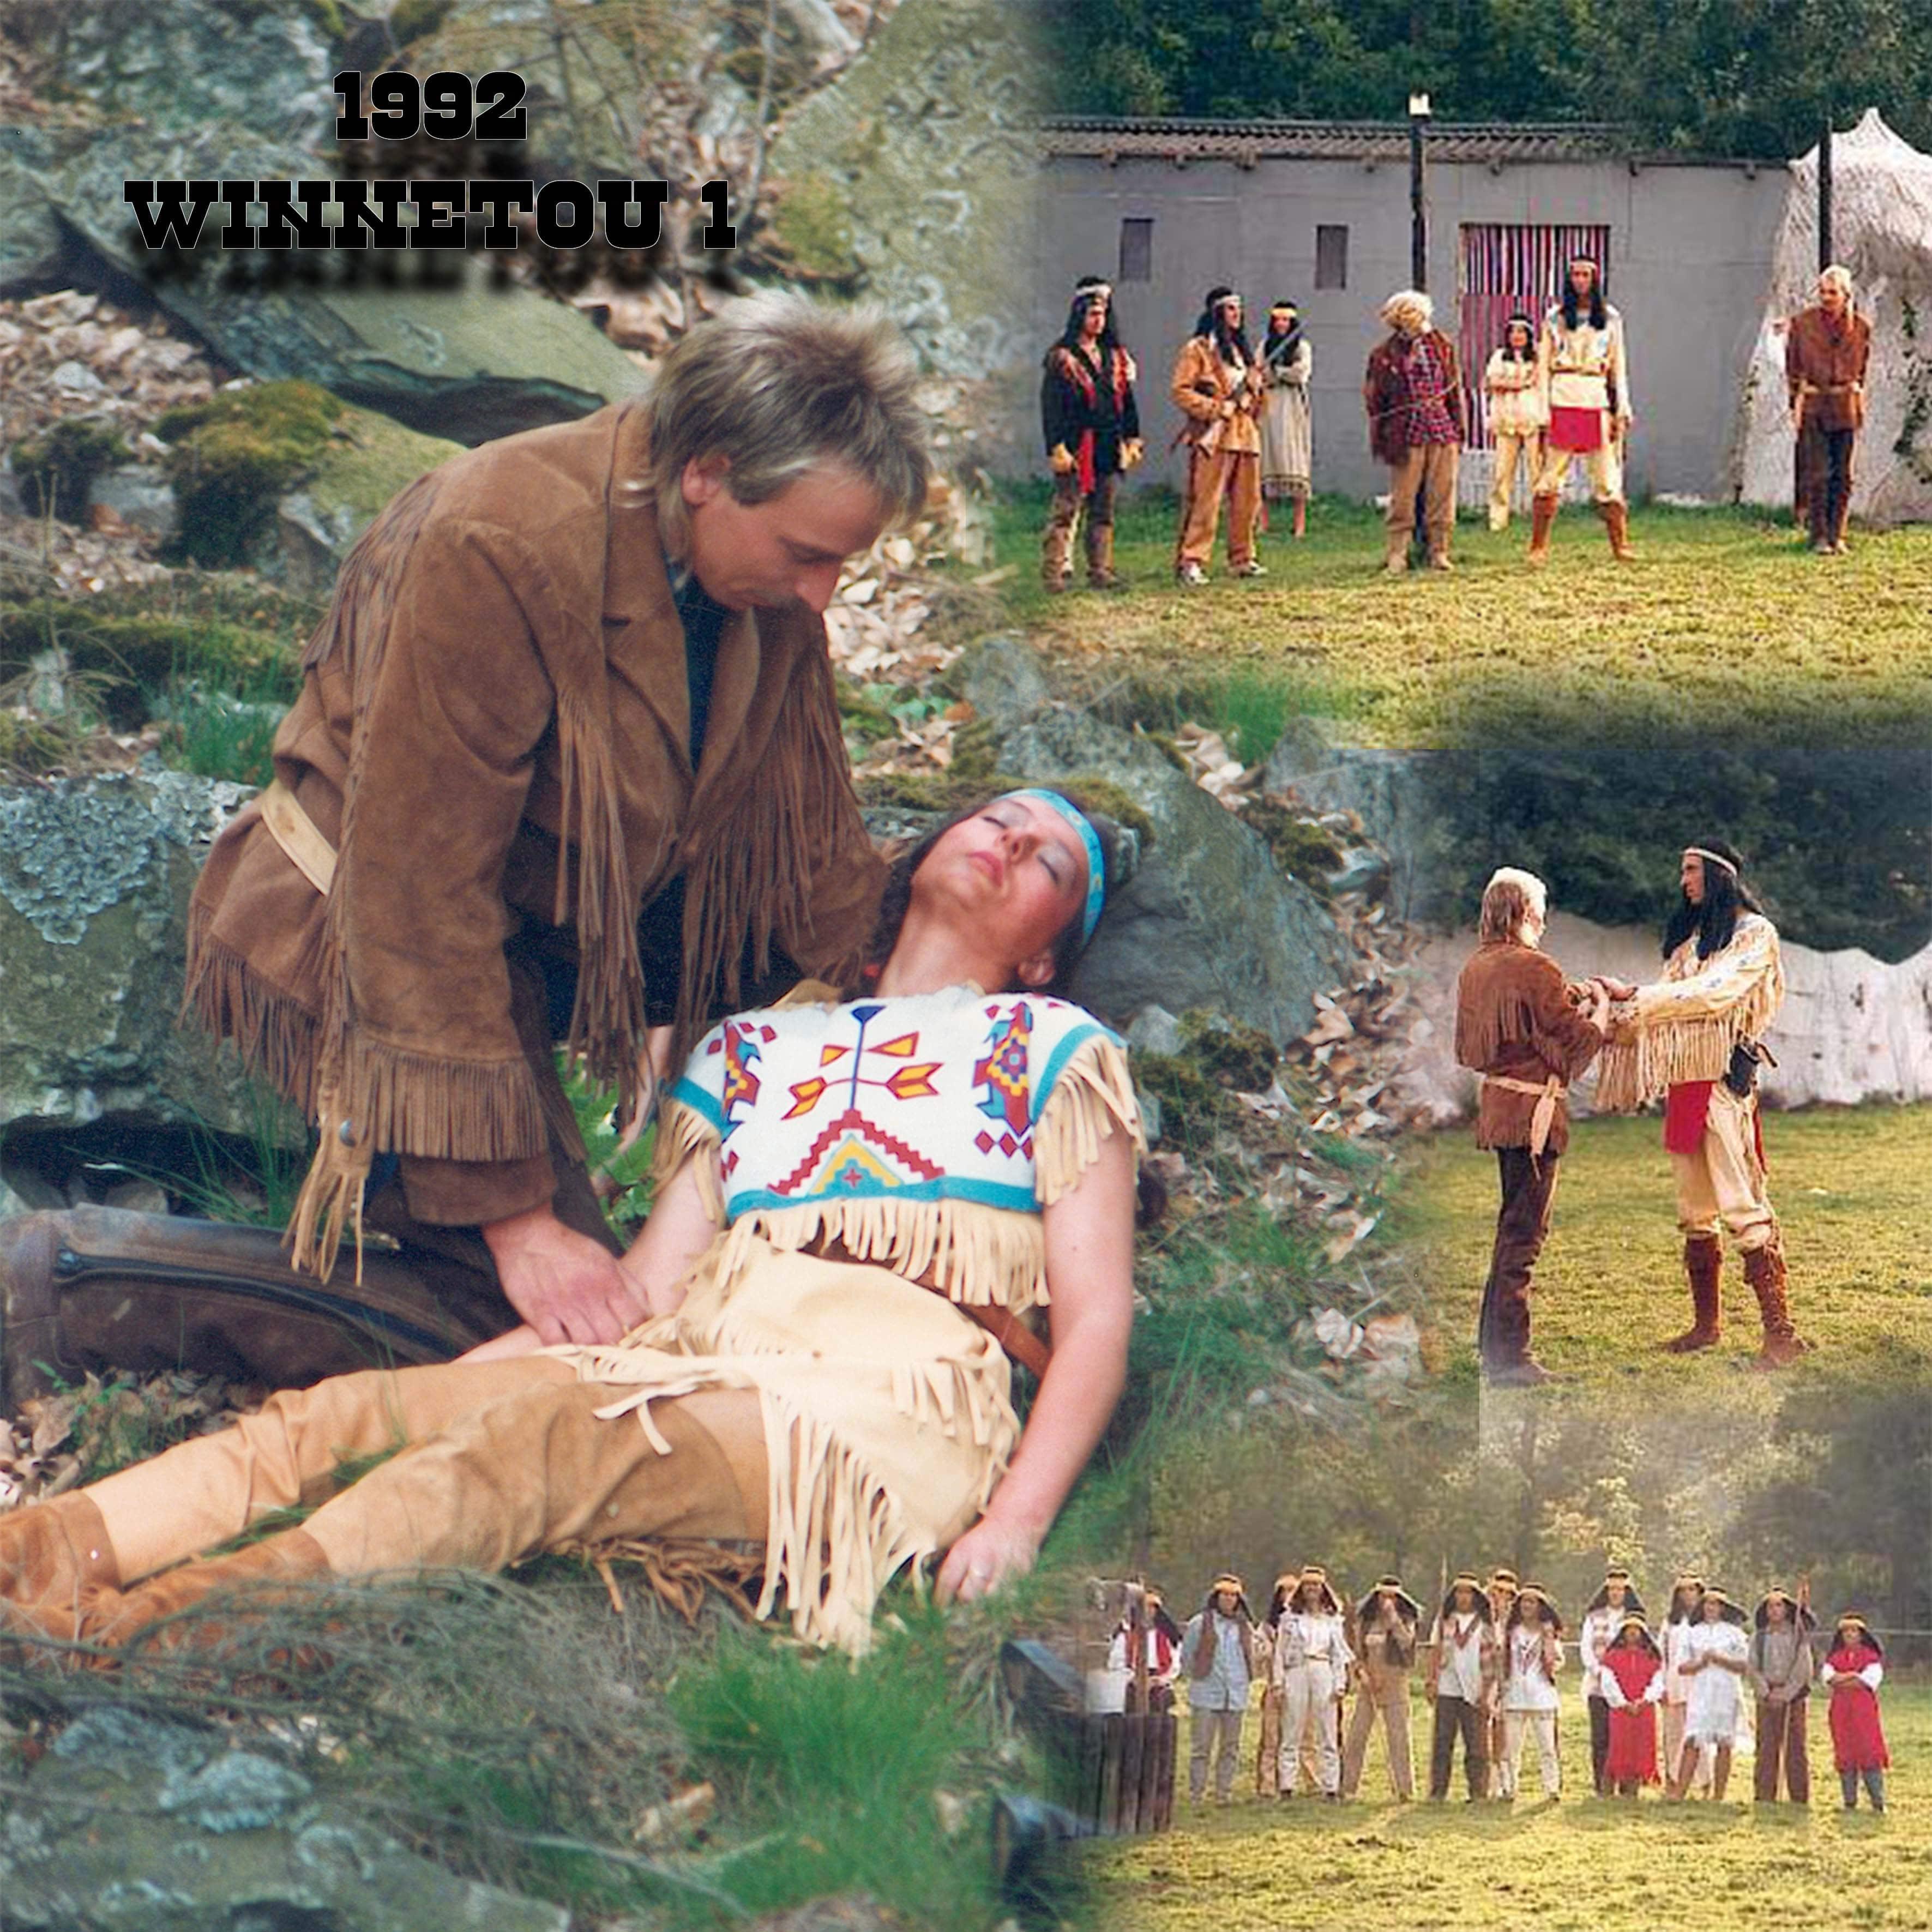 1992 - Winnetou 1